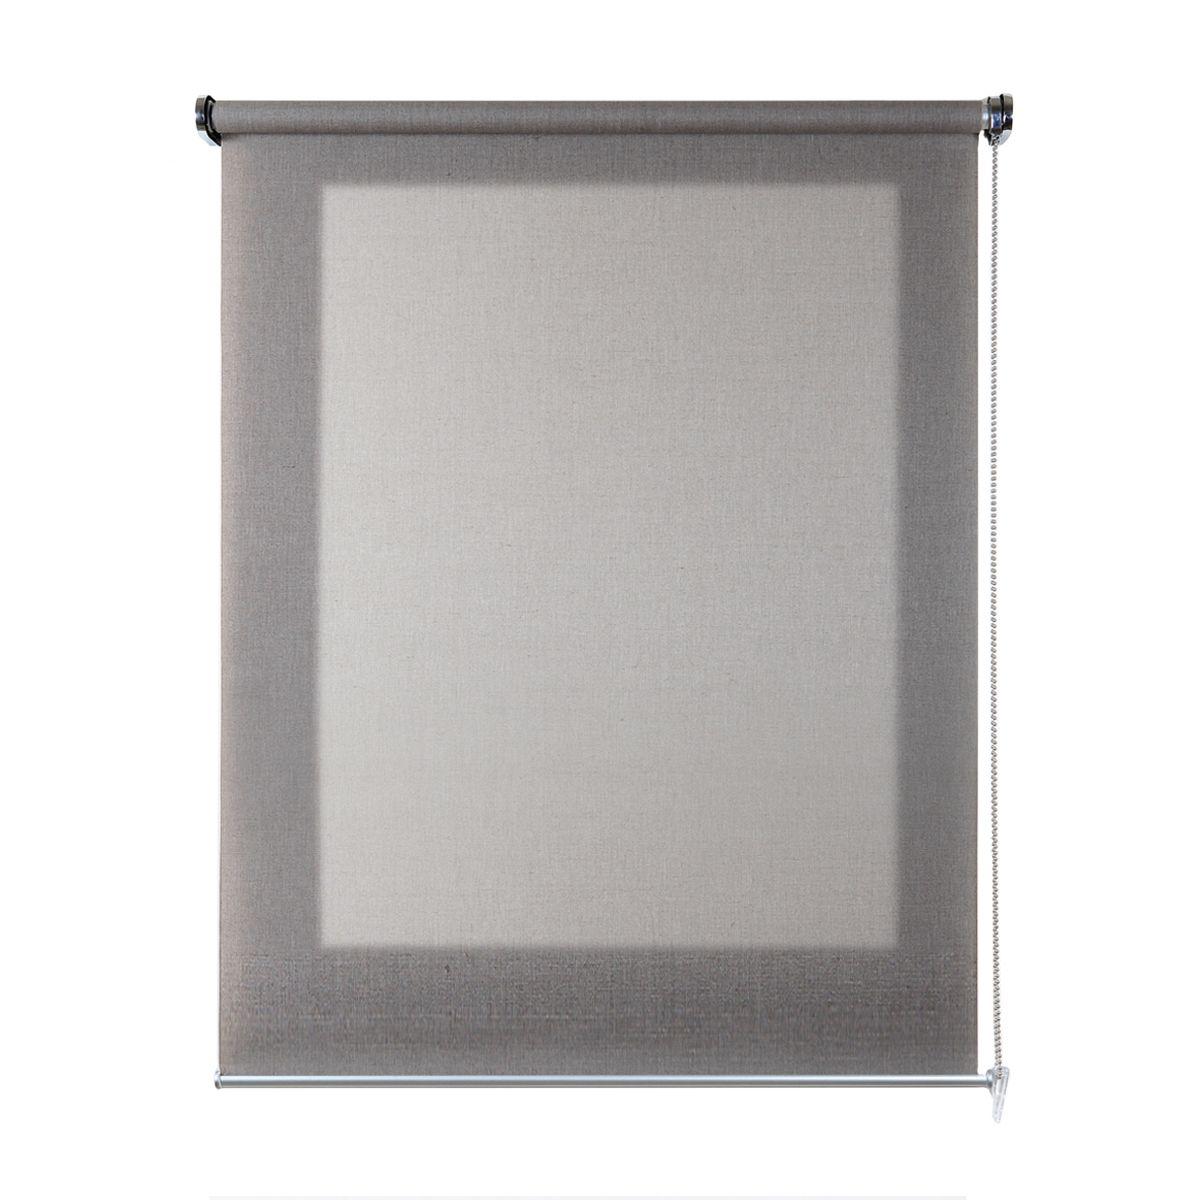 Tenda a rullo scandi marrone 80 x 180 cm prezzi e offerte for Tralicci leroy merlin